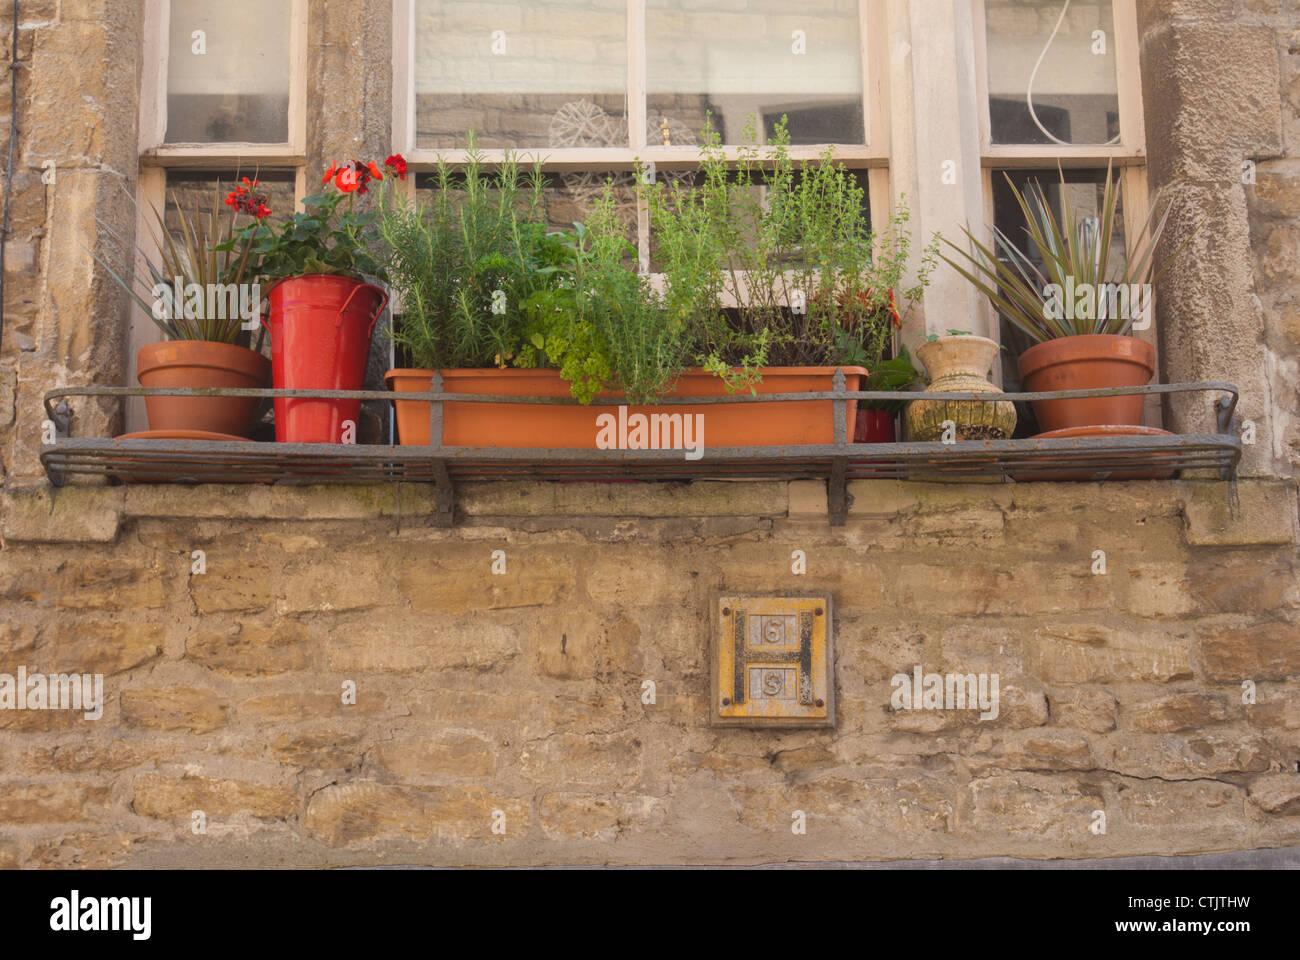 Urban window box. - Stock Image